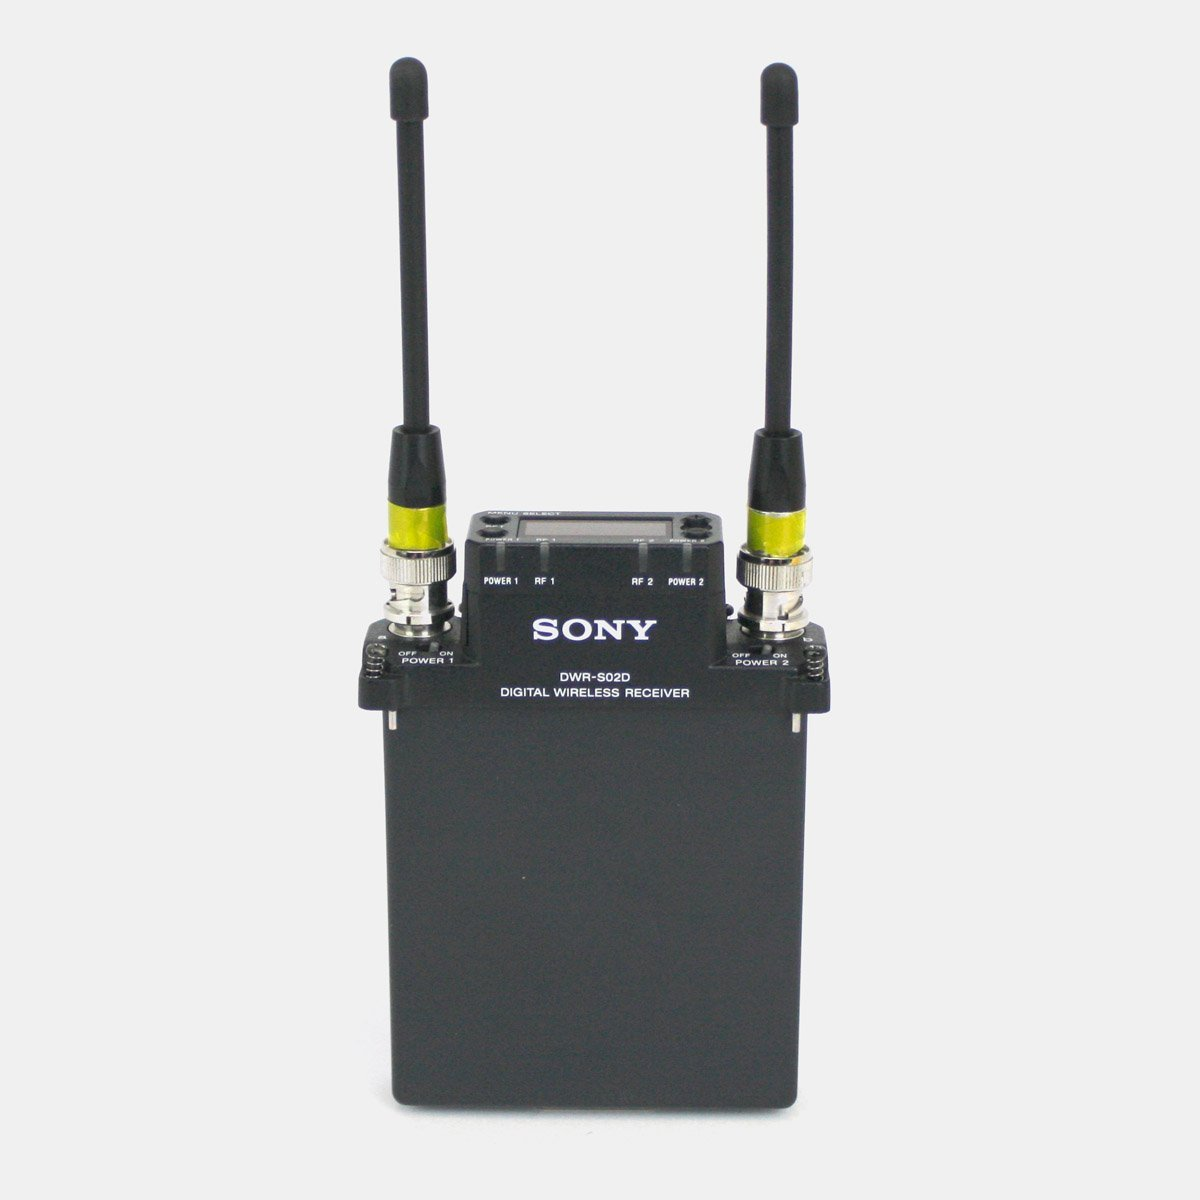 Ex-Demo Sony DWR-S02D Digital wireless receiver